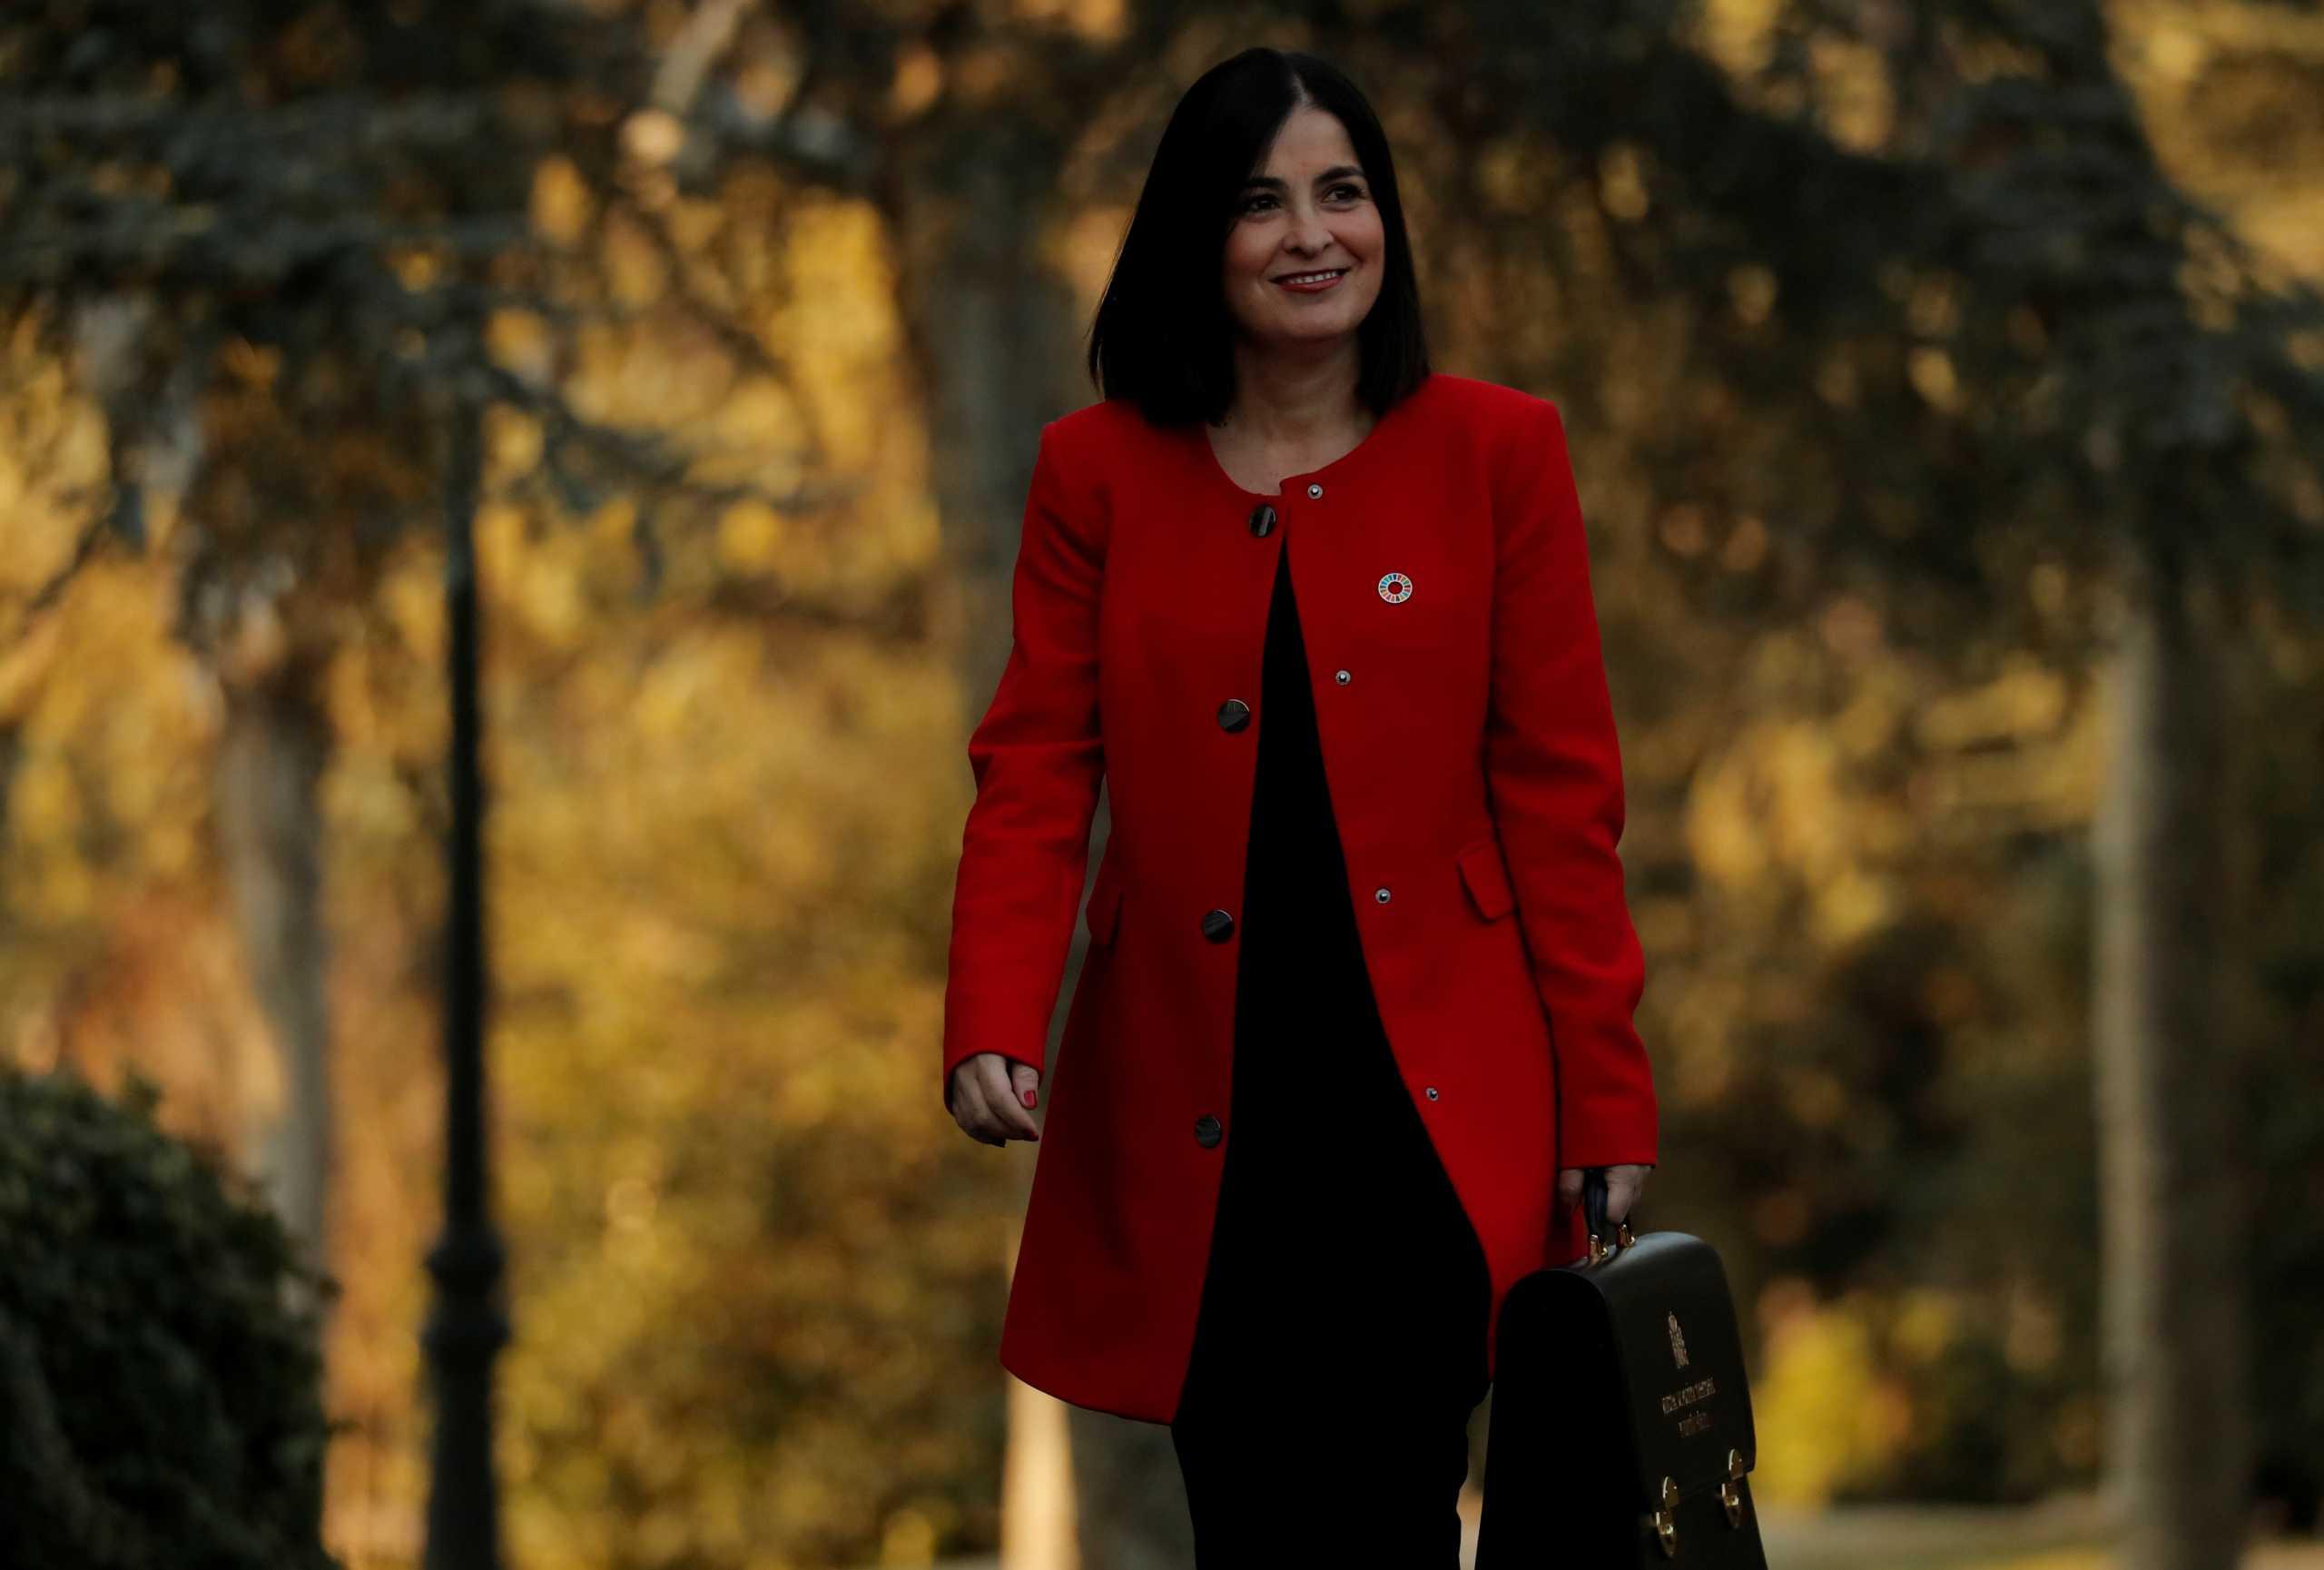 Ισπανία: Αυτή είναι η νέα υπουργός Υγείας – Κατευθείαν στα βαθιά εν μέσω πανδημίας